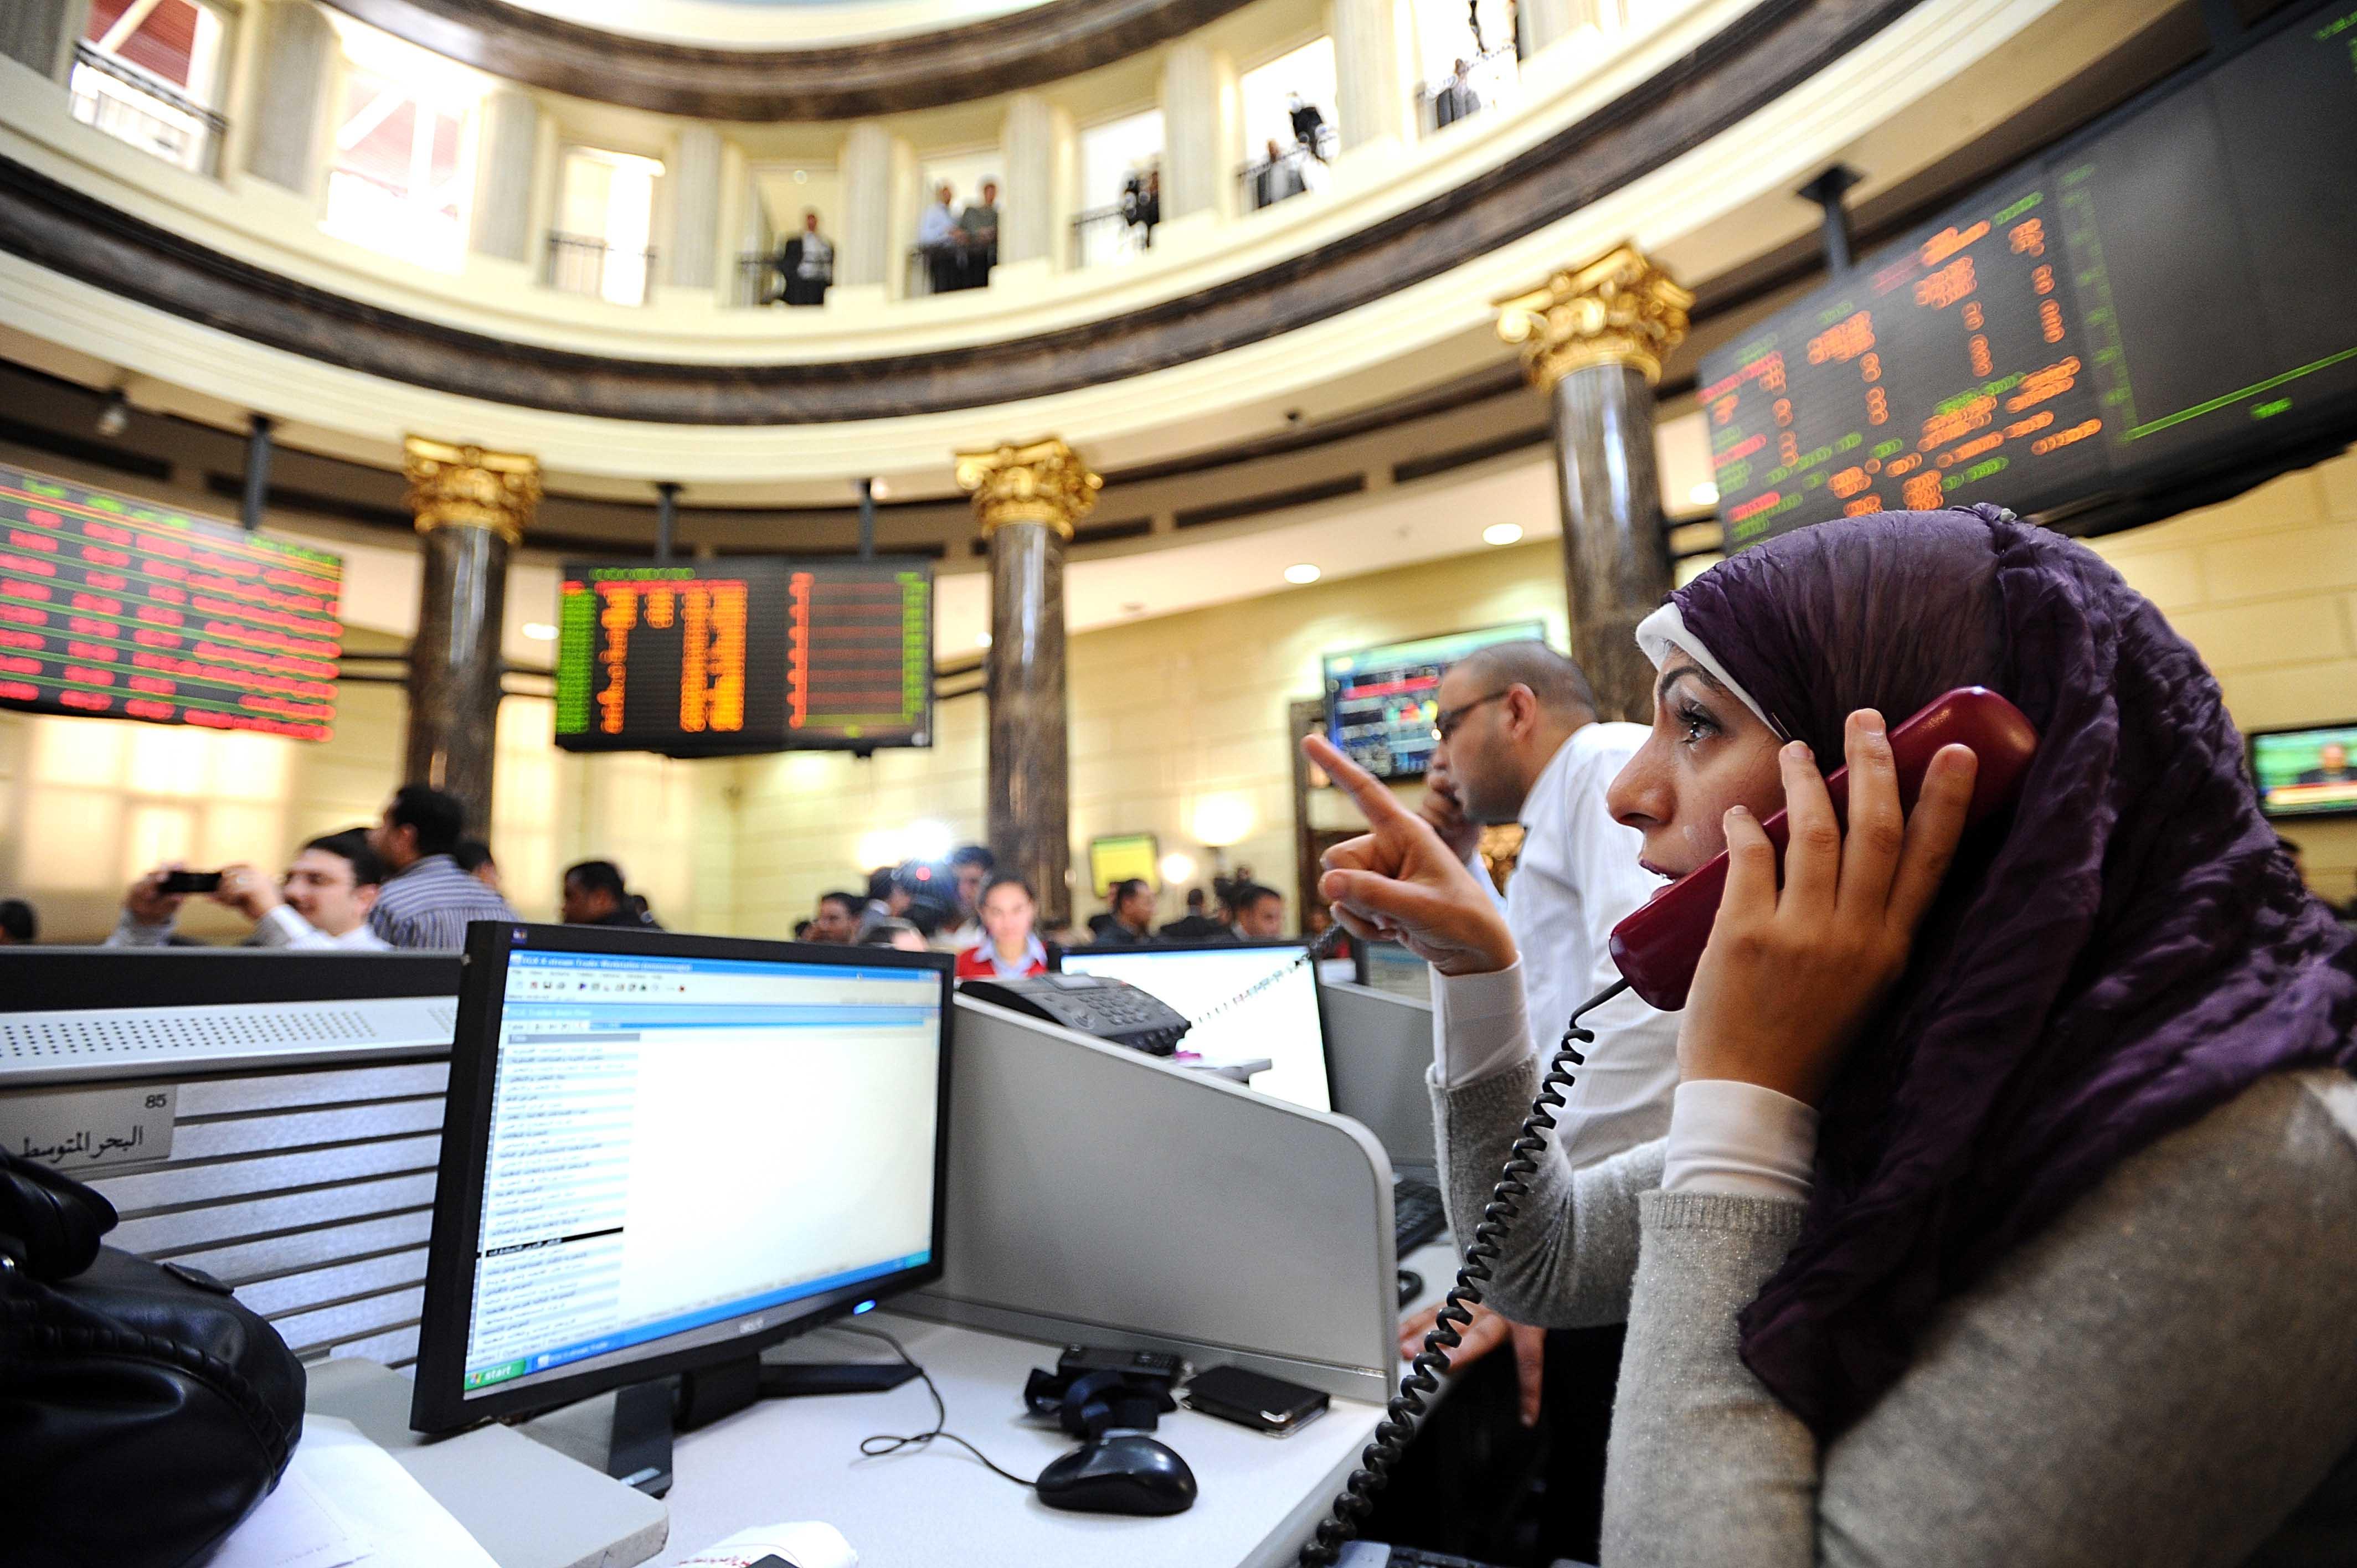 المؤشر الرئيسي للبورصة المصرية يغلق في المنطقة الخضراء ..!!